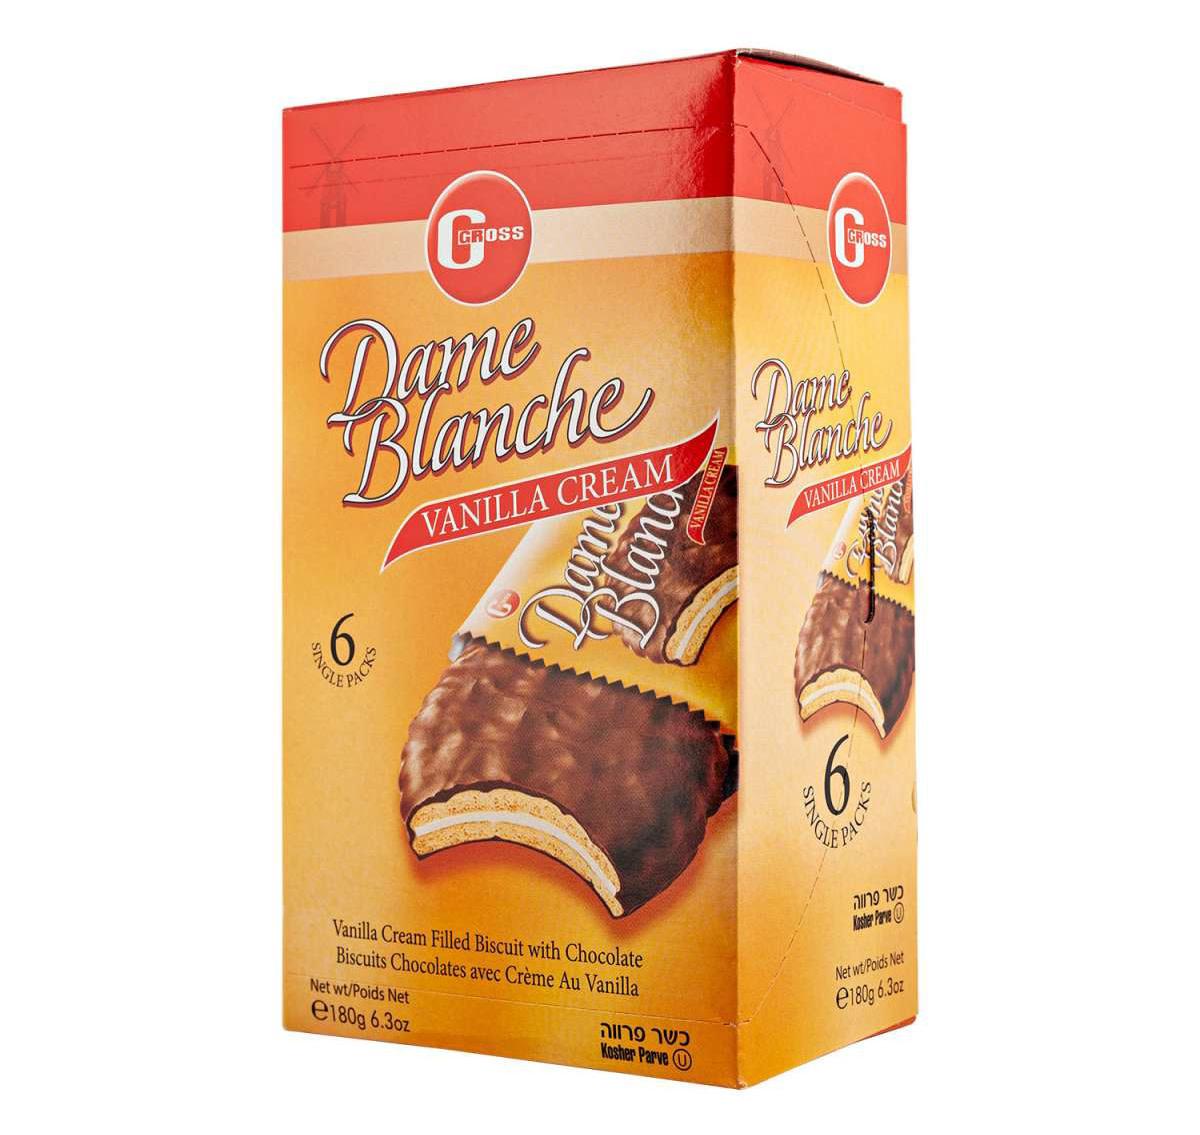 DAME BLANCHE Vanilla Cream Biscuits